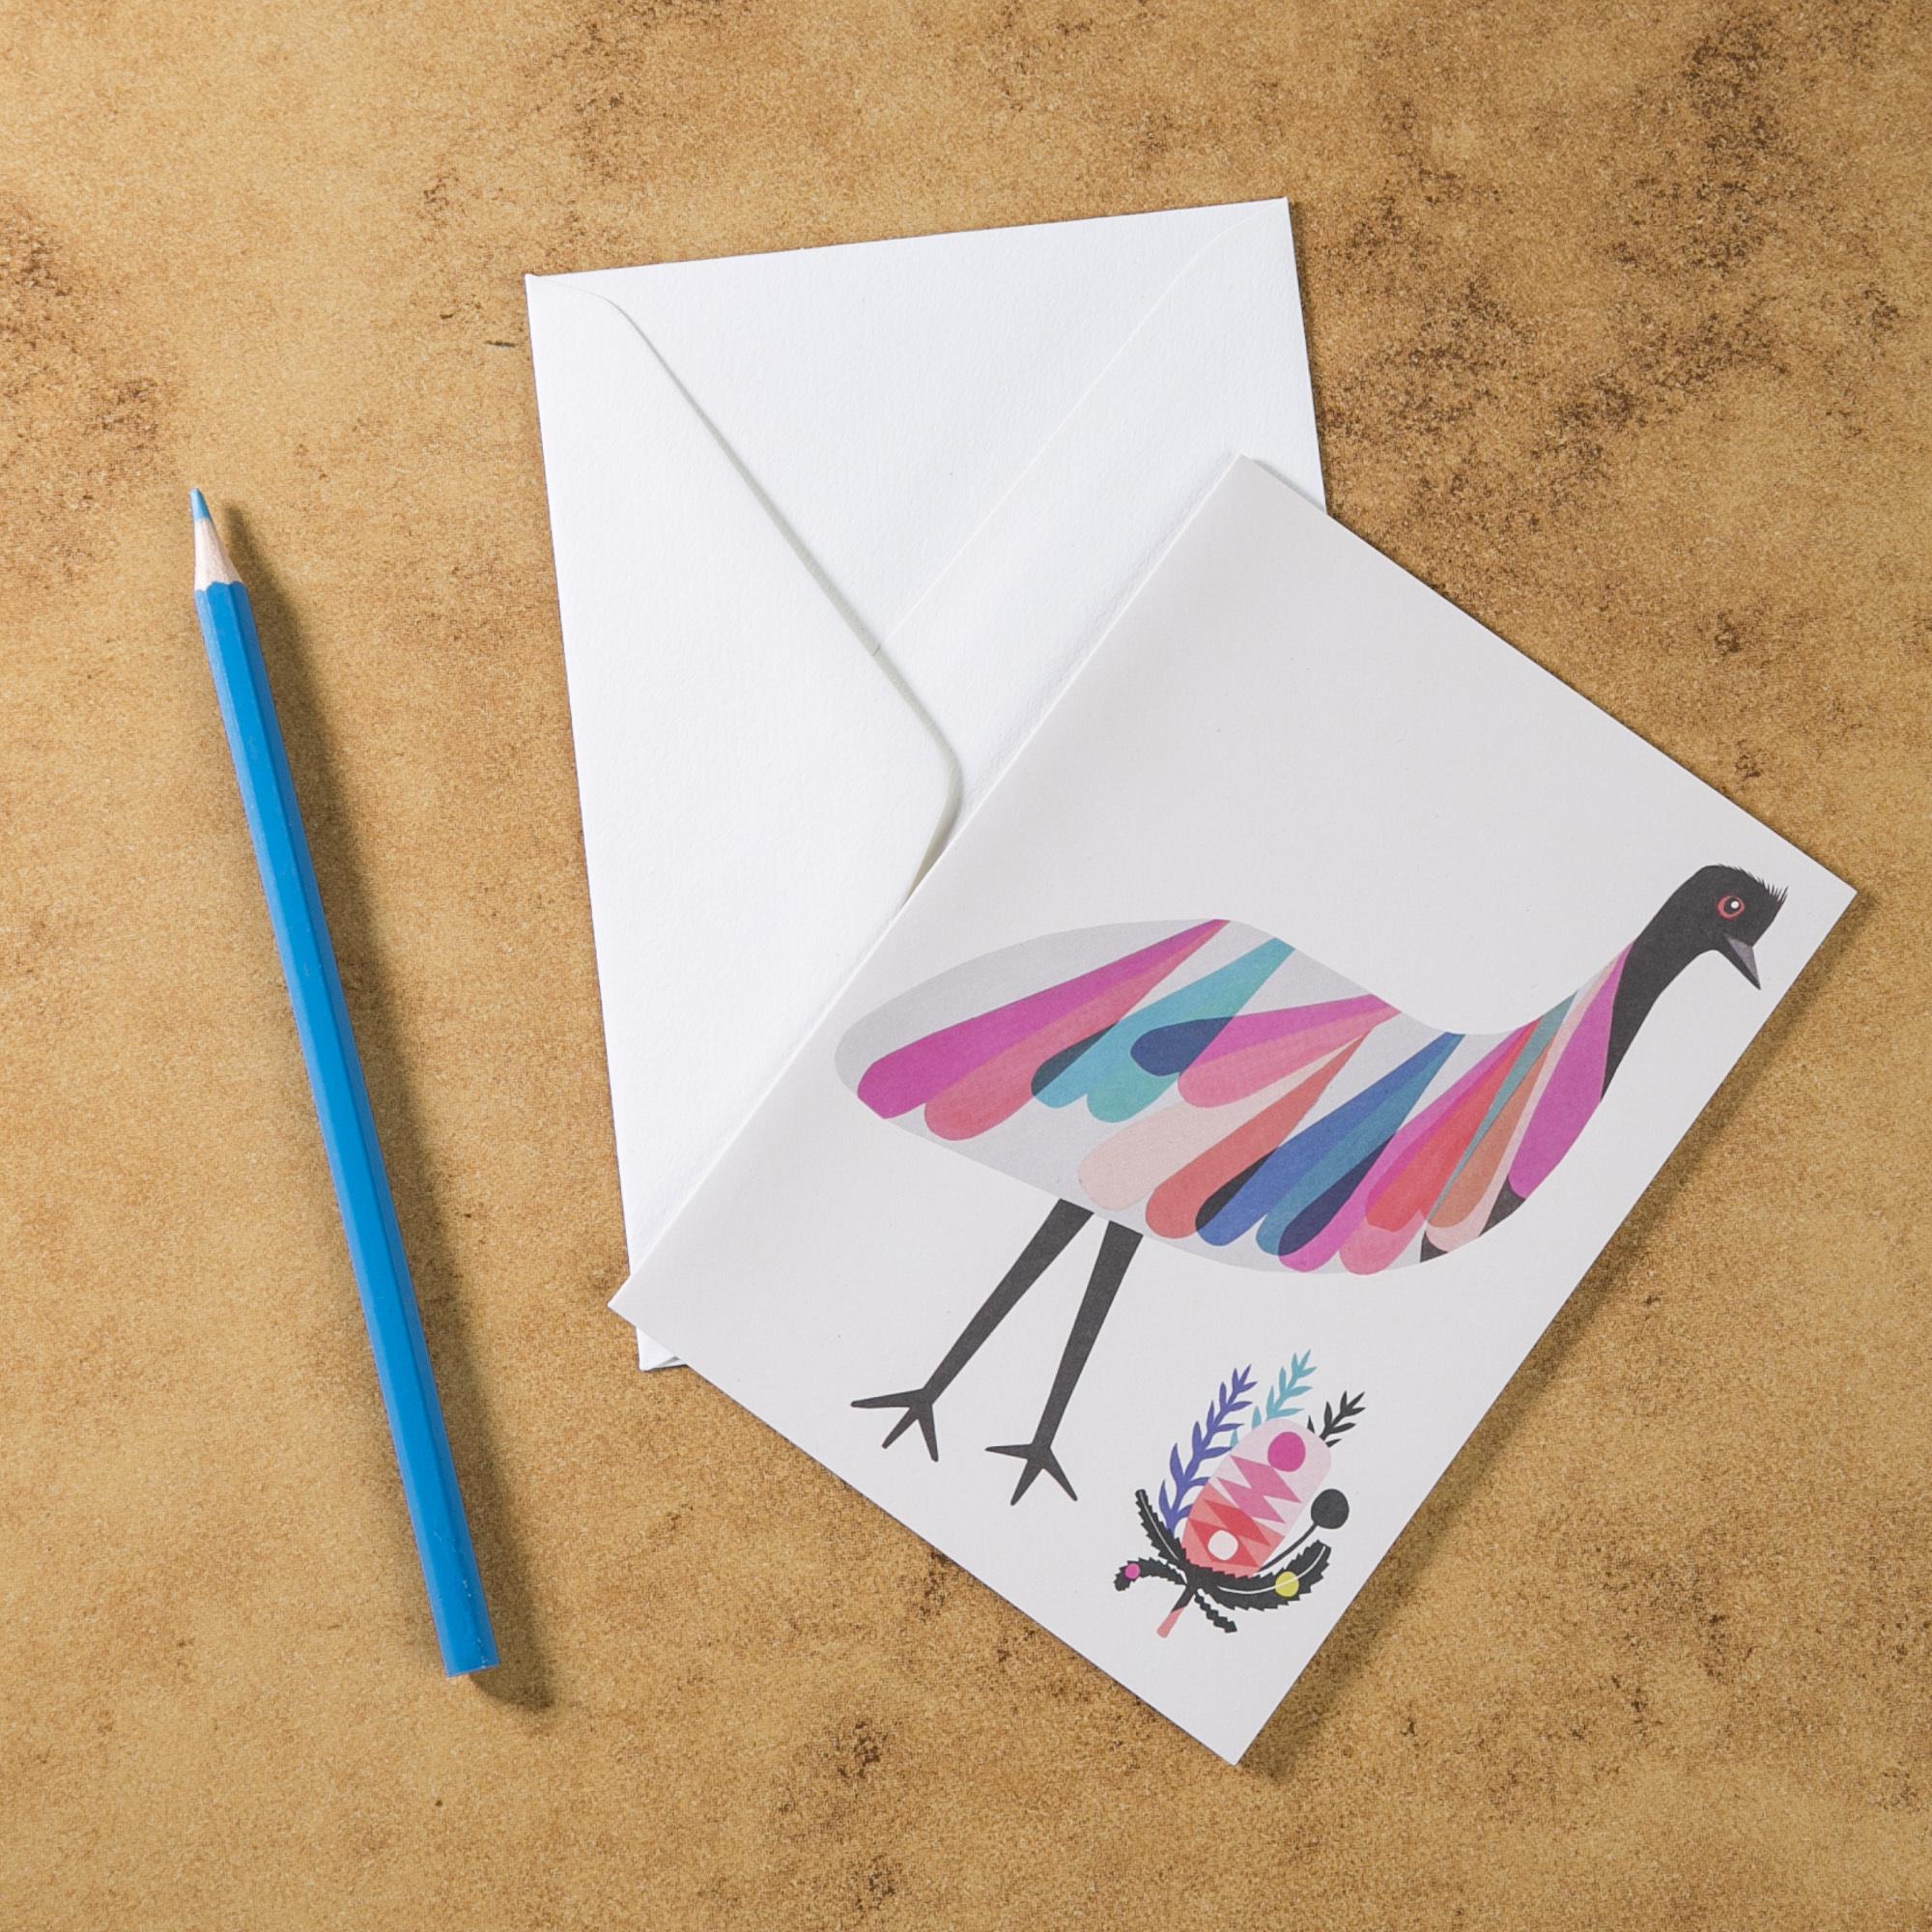 新西兰原产Tikitibu 袋鼠岛鸸鹋 贺卡明信片创意生日贺卡 彩色